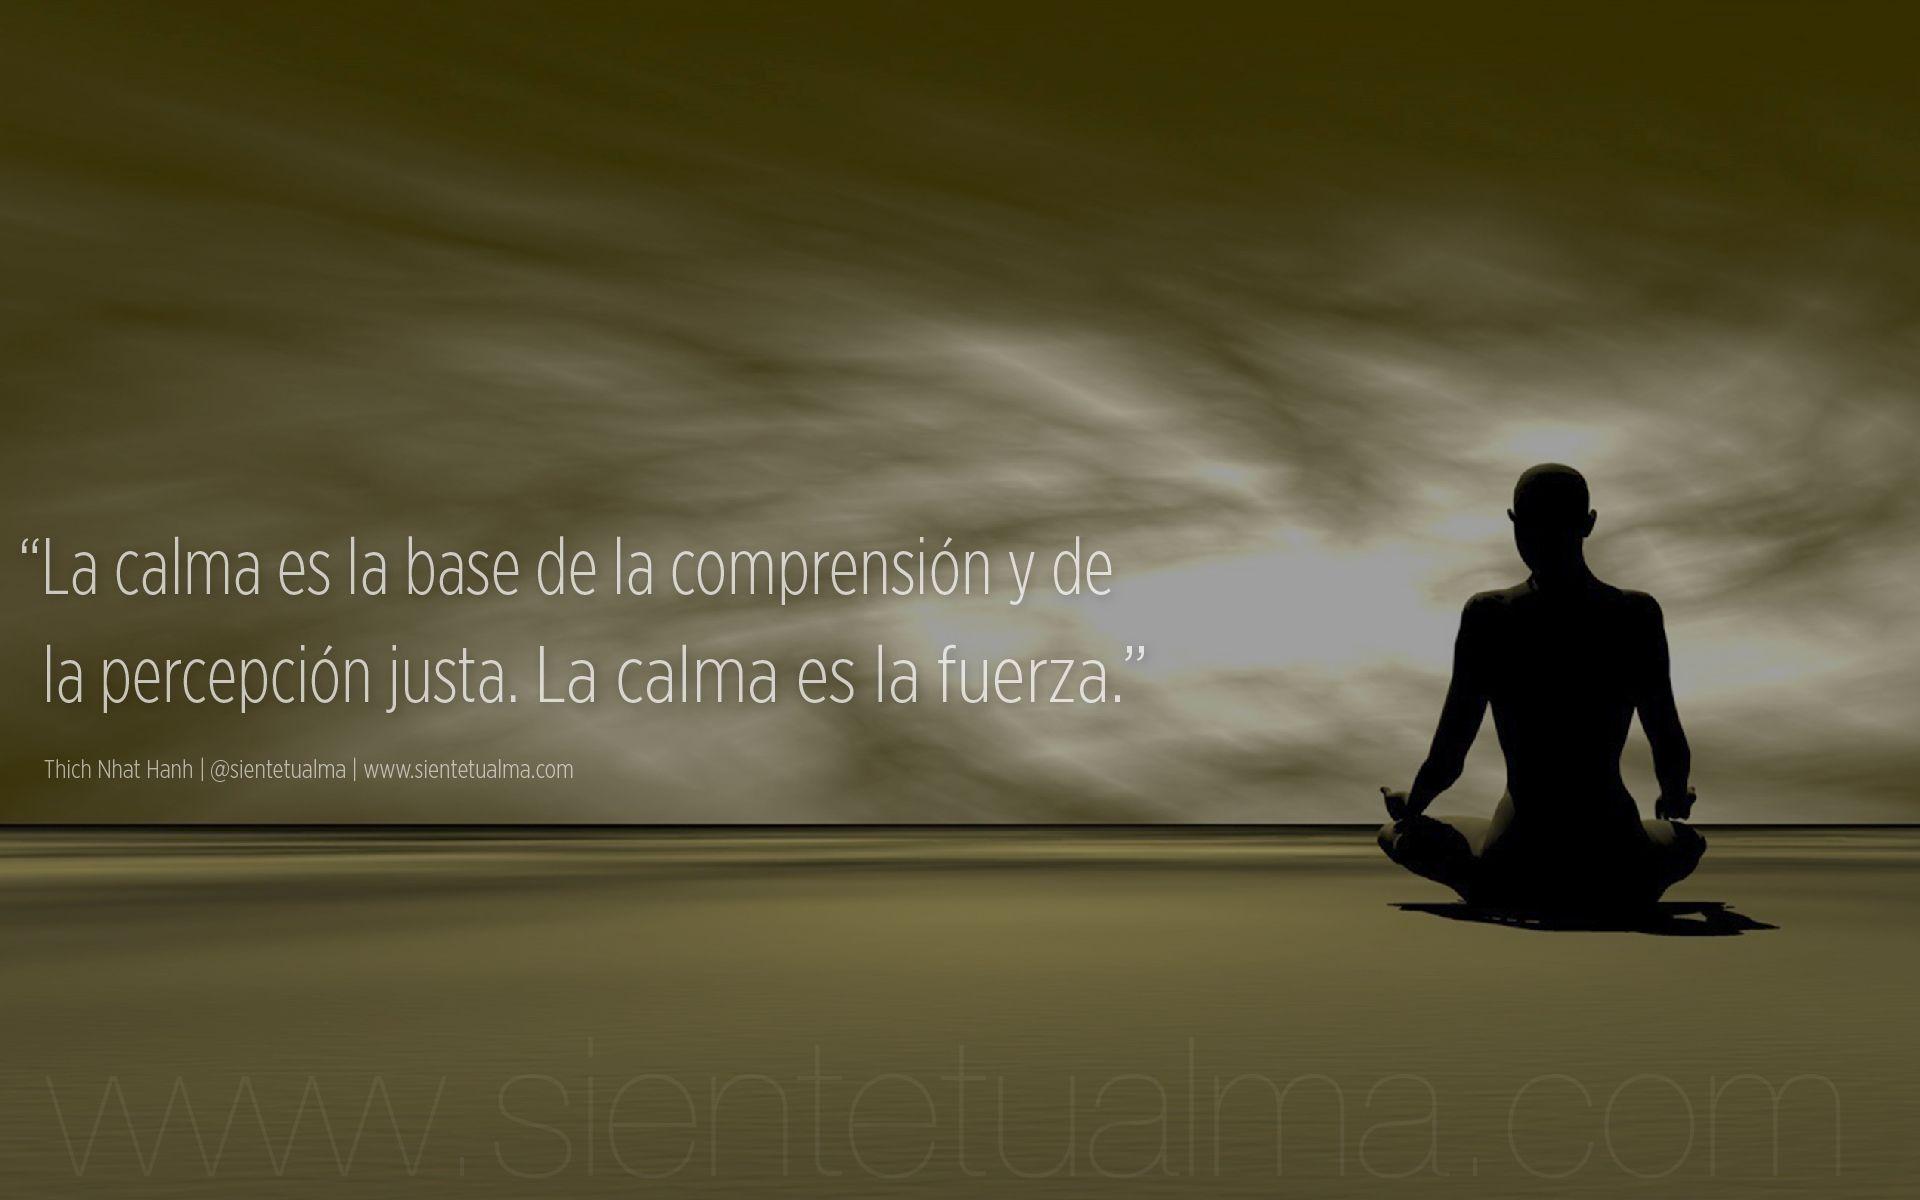 La calma es la base de la comprensi n y de la percepci n for Frases de calma interior